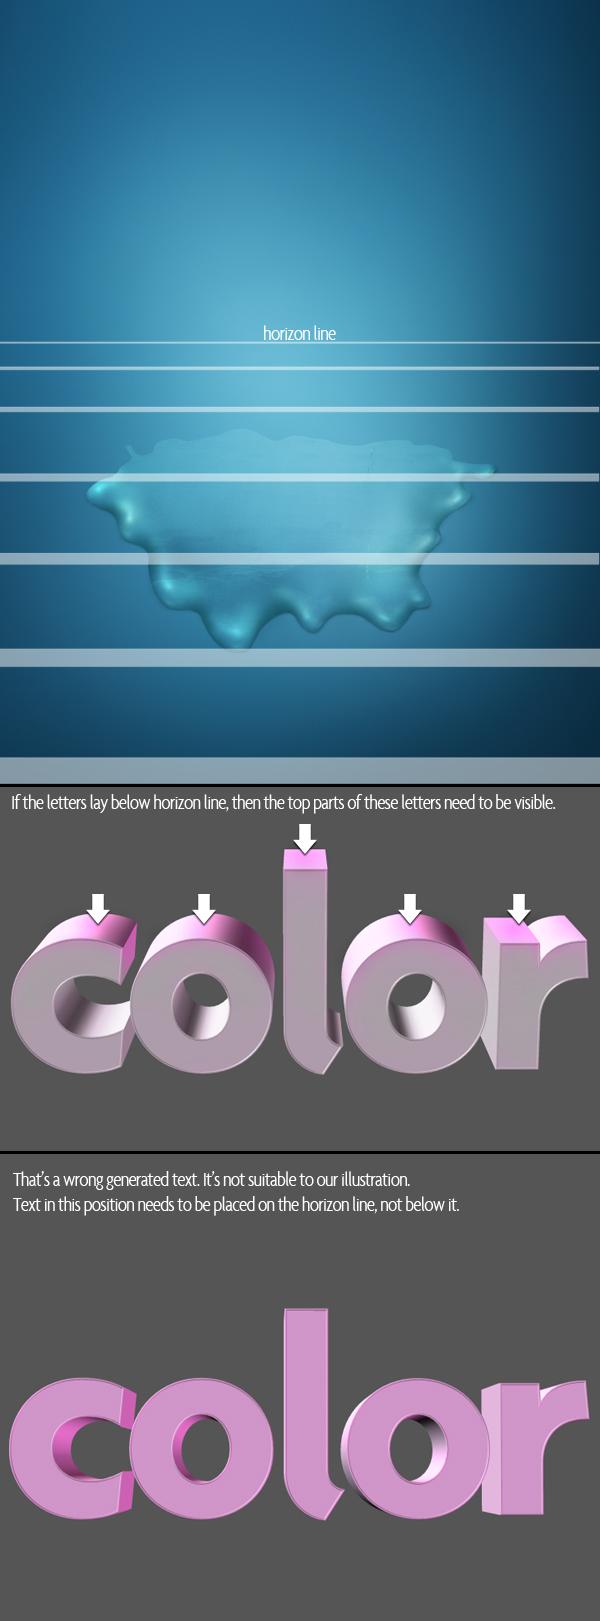 15 Thiết Kế 3D Text với Màu Sắc Ấn Tượng   Phần 1